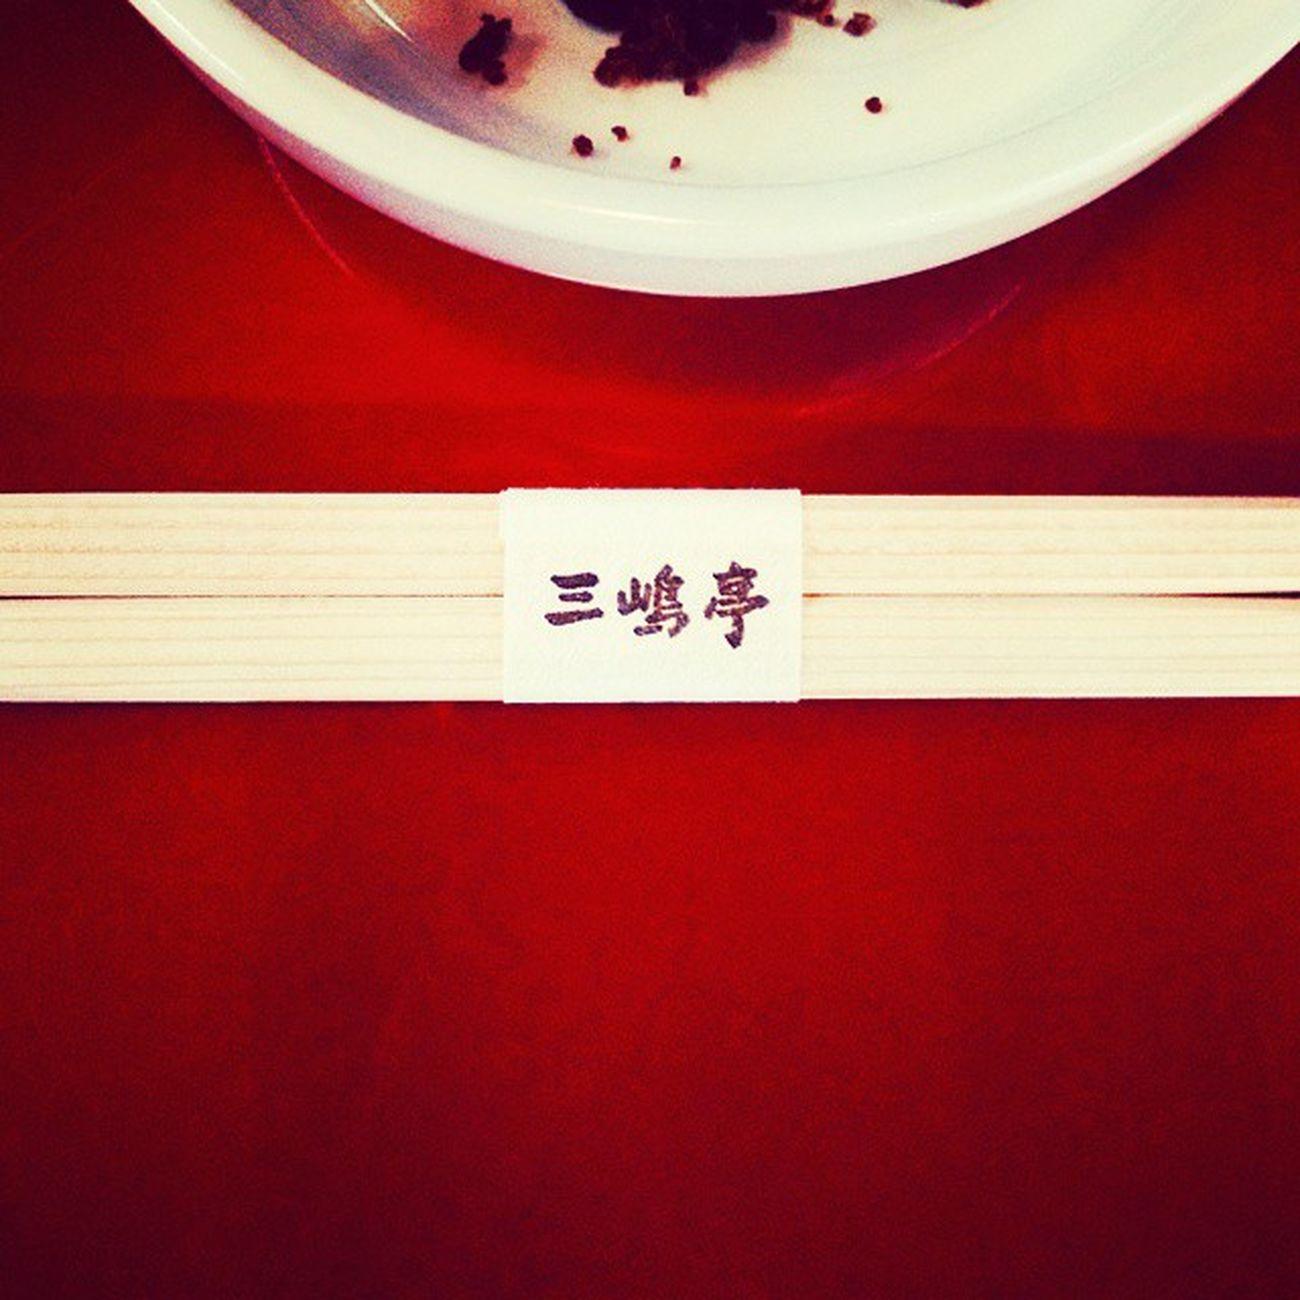 京都 三嶋亭みしまてい きょうと 三嶋亭 みしまてい すき焼き Kyoto Mishimatei